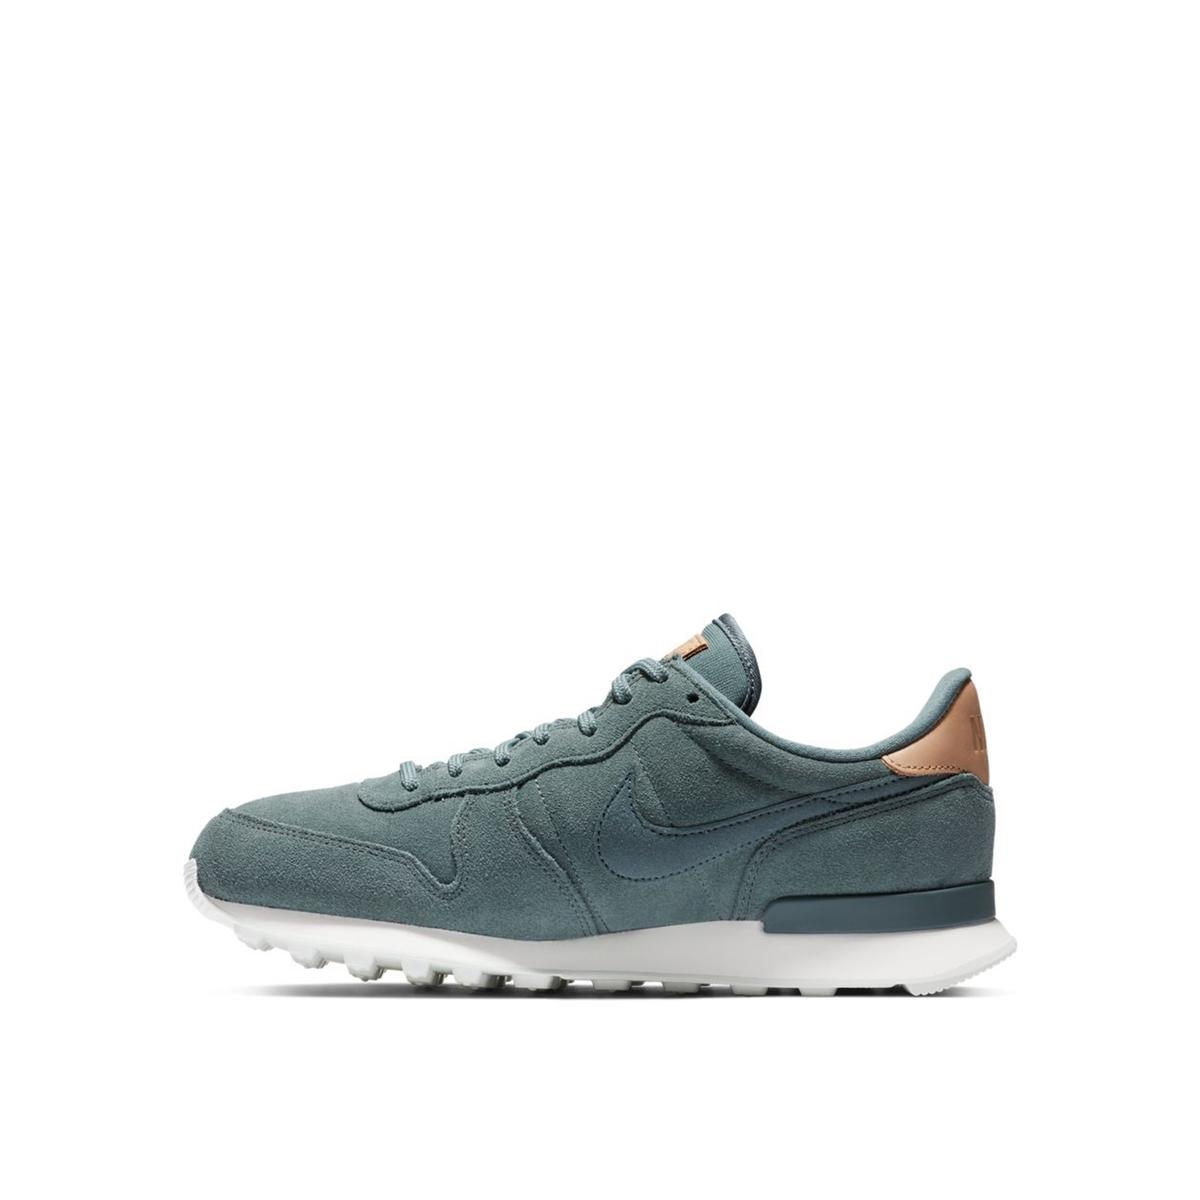 Imagen secundaria de producto de Zapatillas Internationalist Premium - Nike